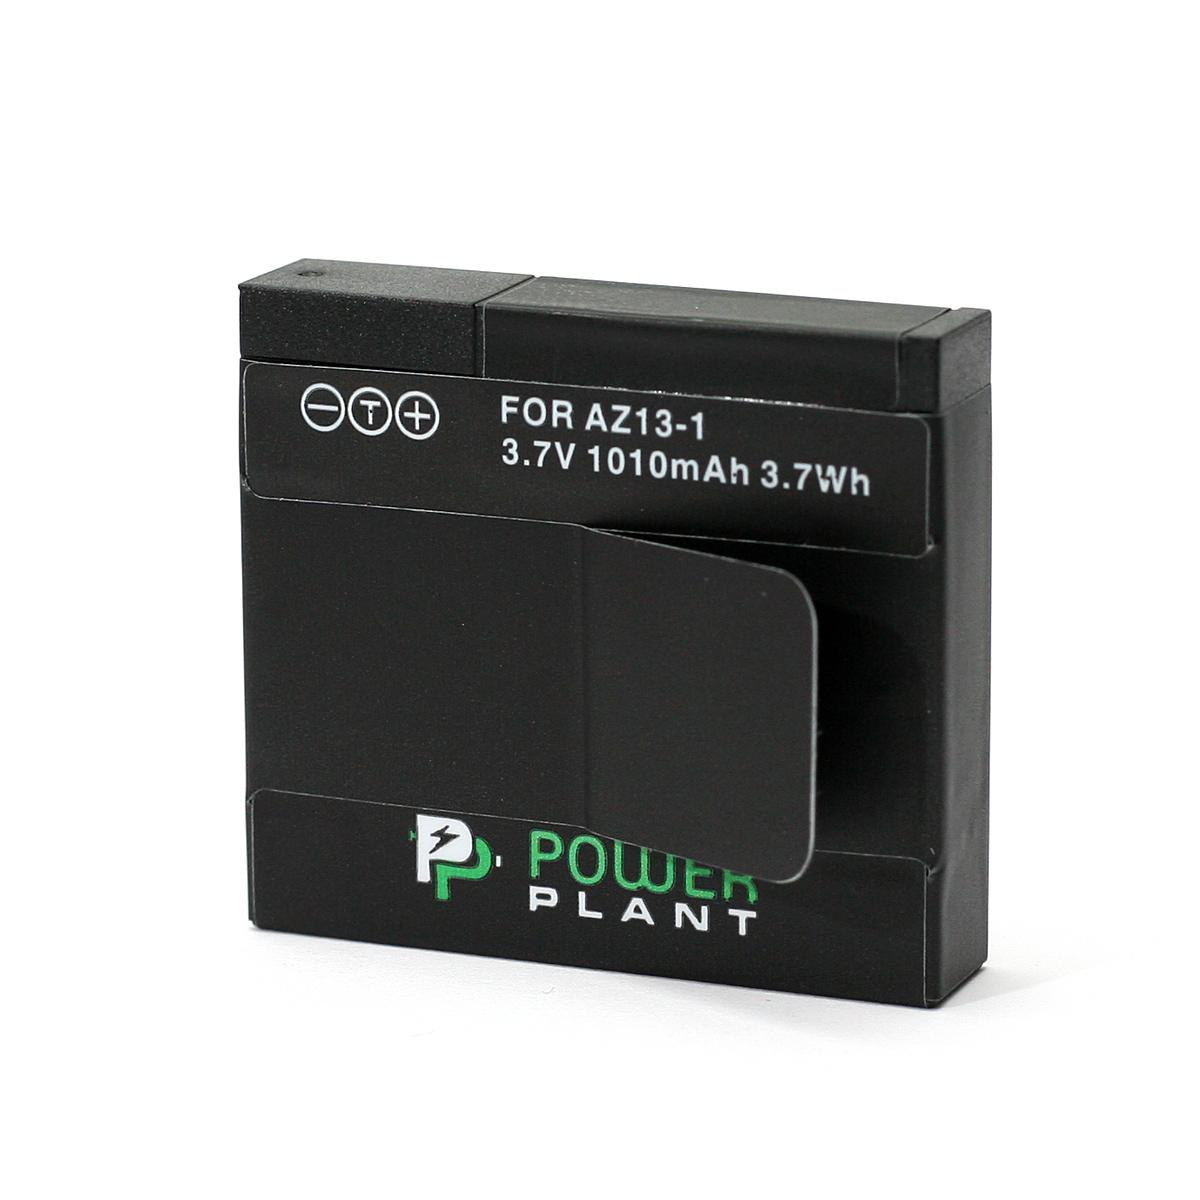 Купить Аккумулятор PowerPlant Xiaomi Yi AZ13 1010mAh